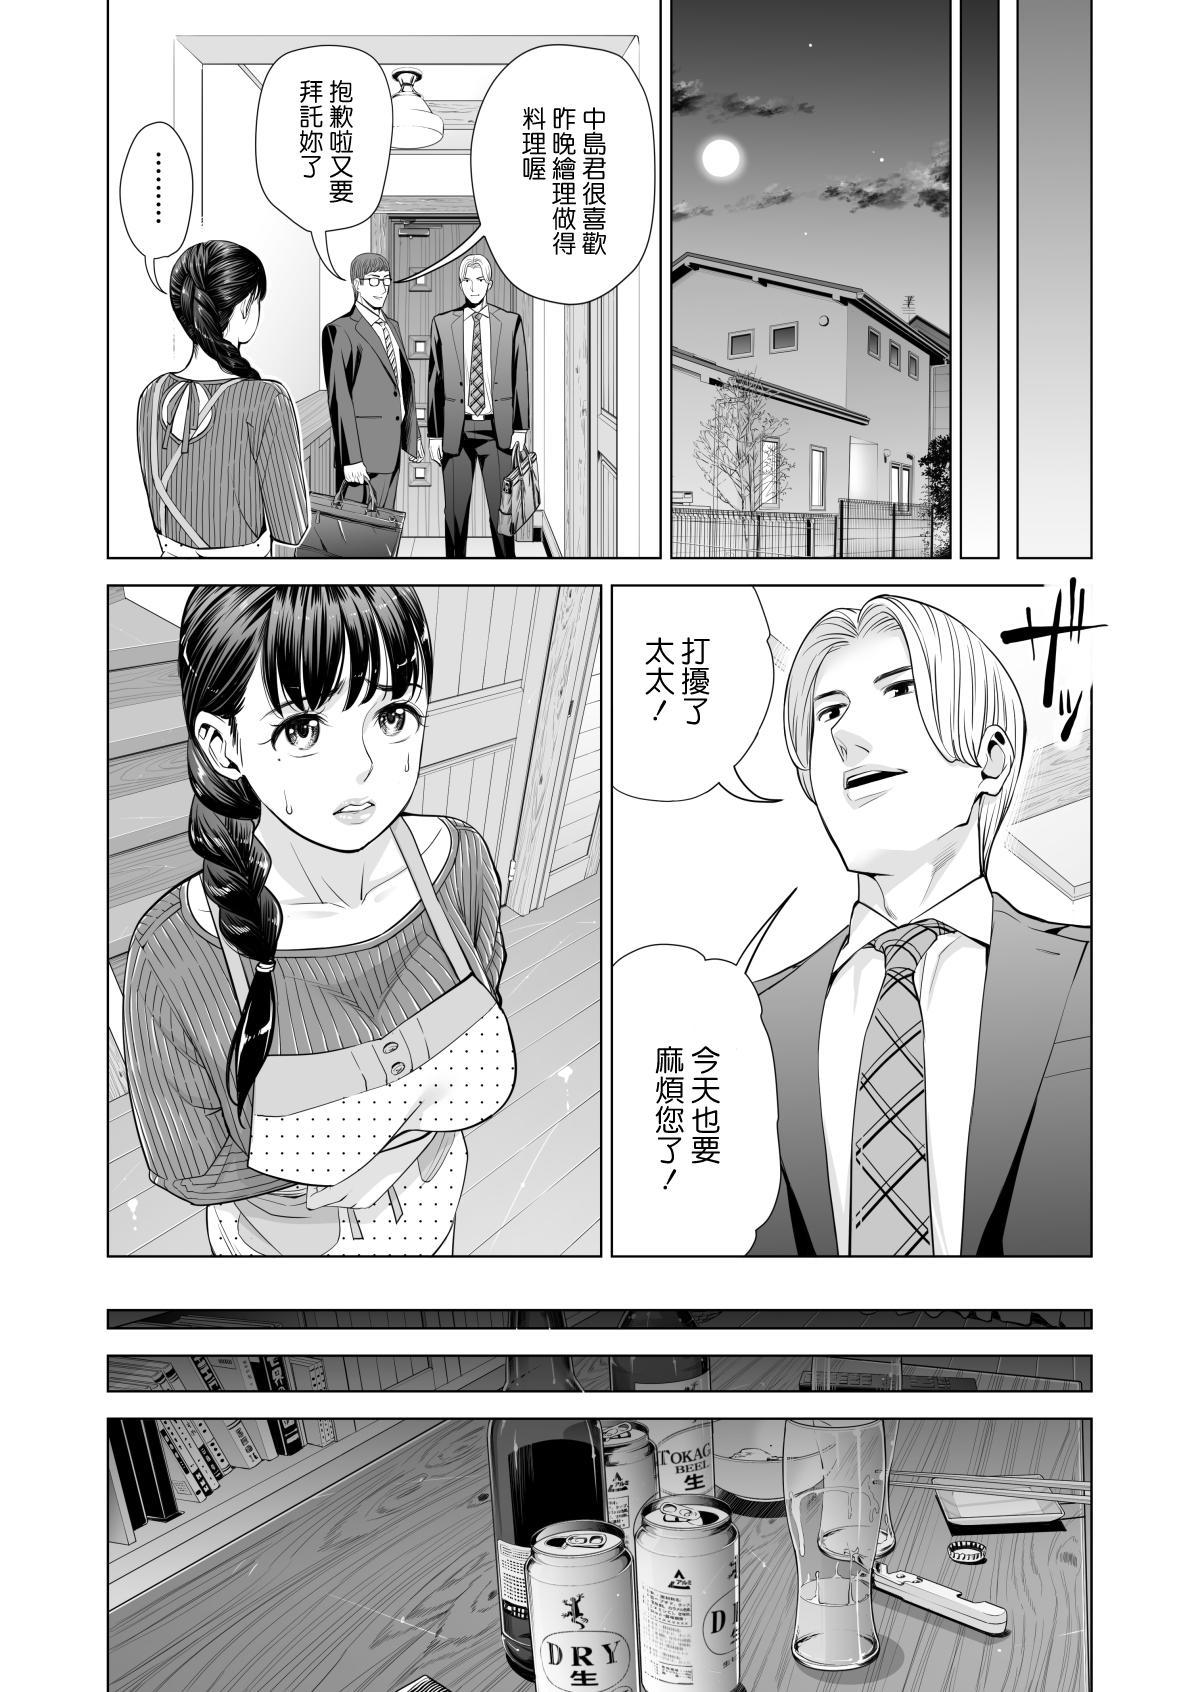 [HGT Lab (Tsusauto)] Tsukiyo no Midare Zake ~Hitozuma wa Yoitsubureta Otto no Soba de Douryou ni Netorareru~ Kouhen (CHINESE) 9